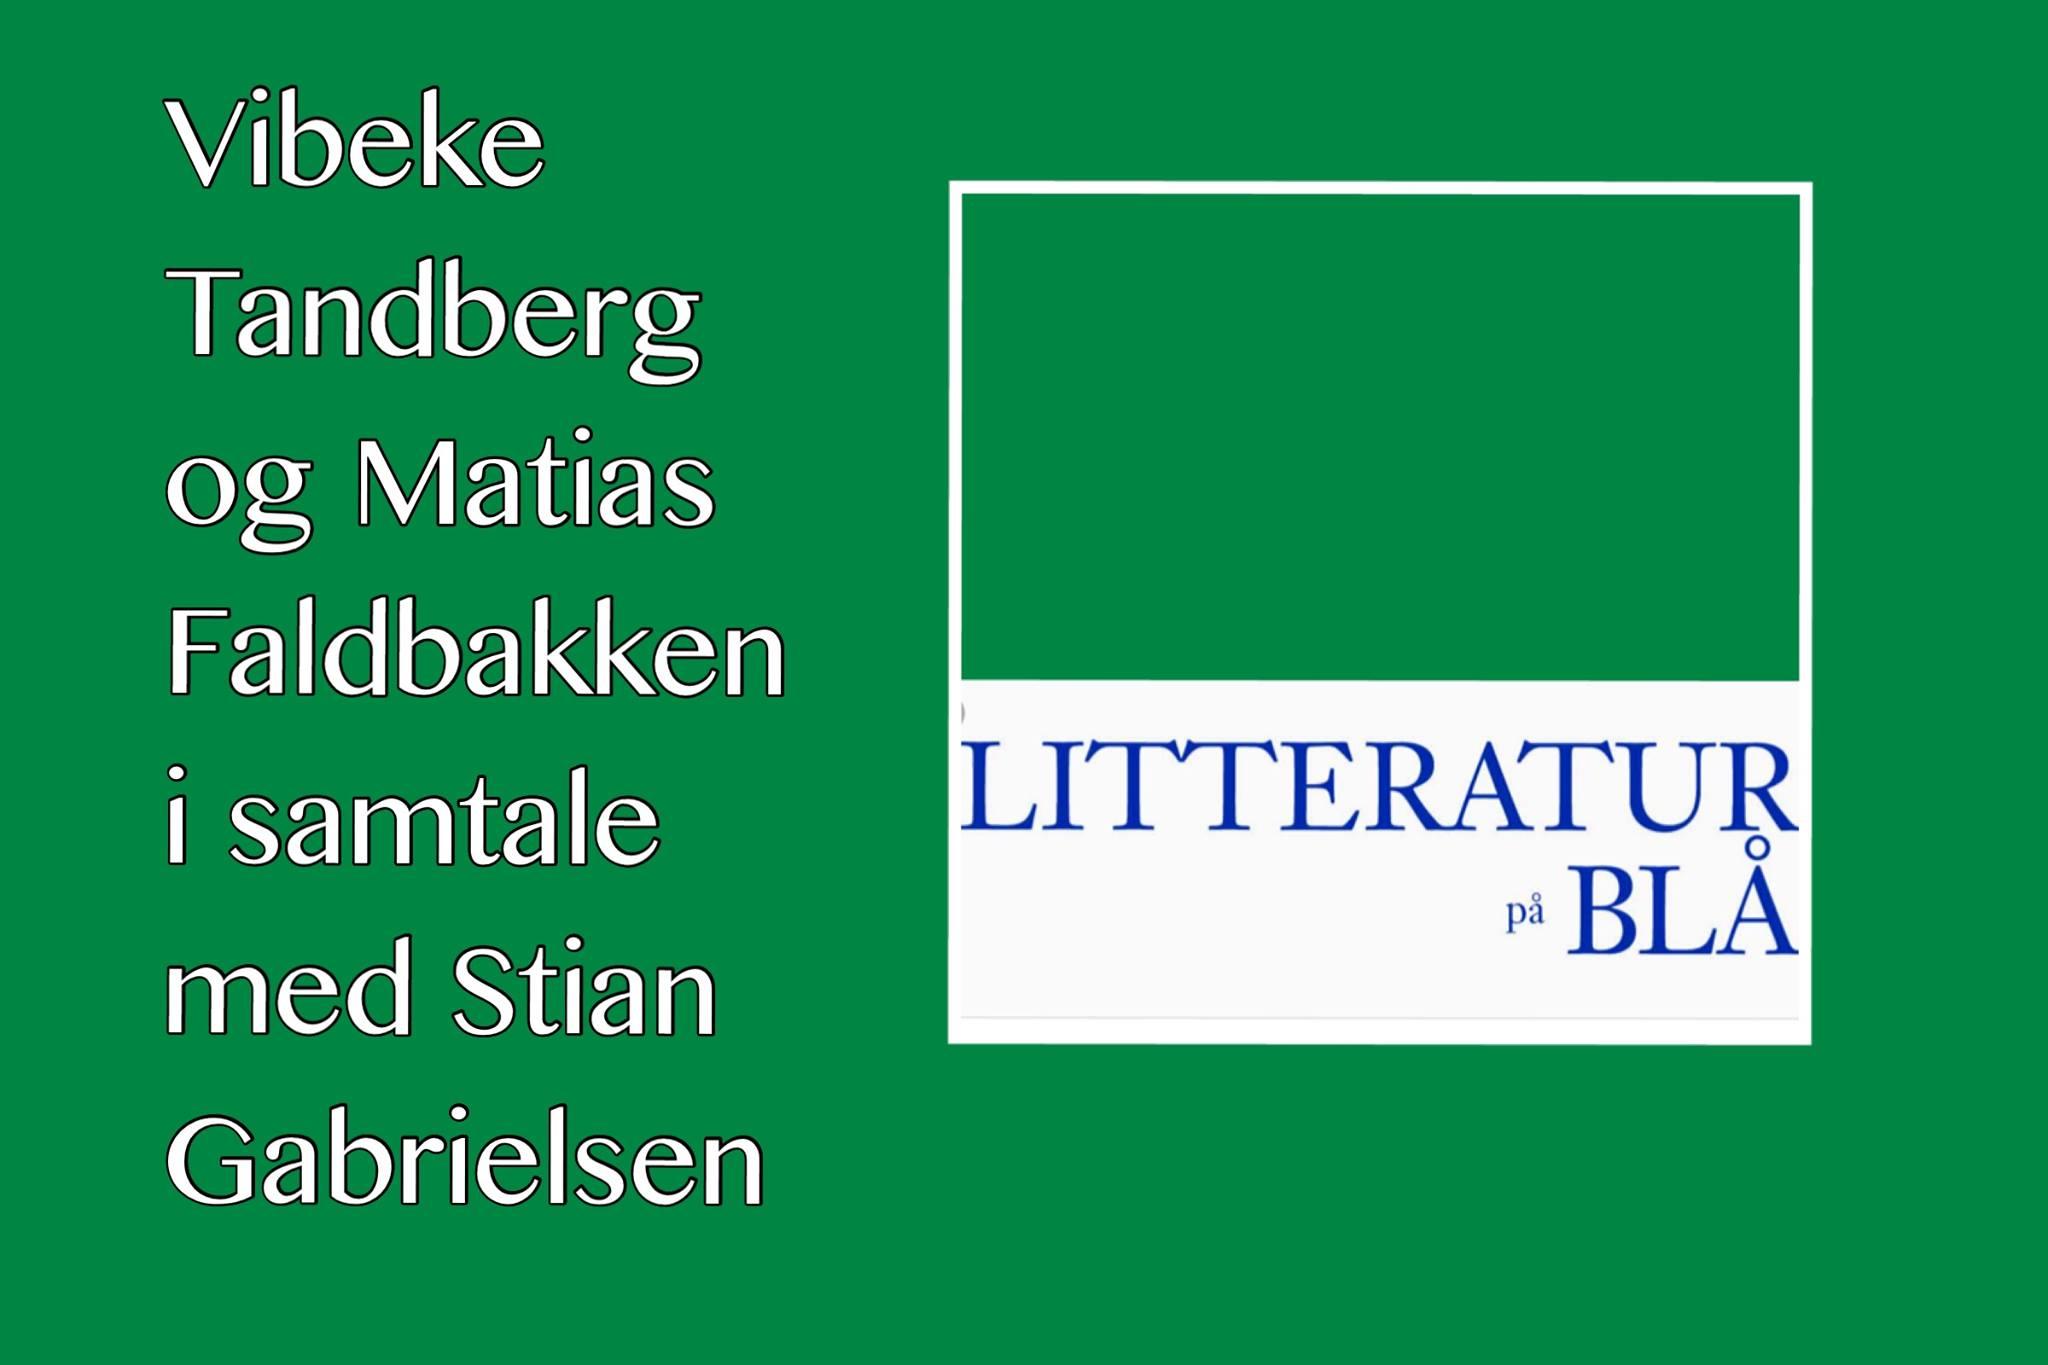 litteratur på blå